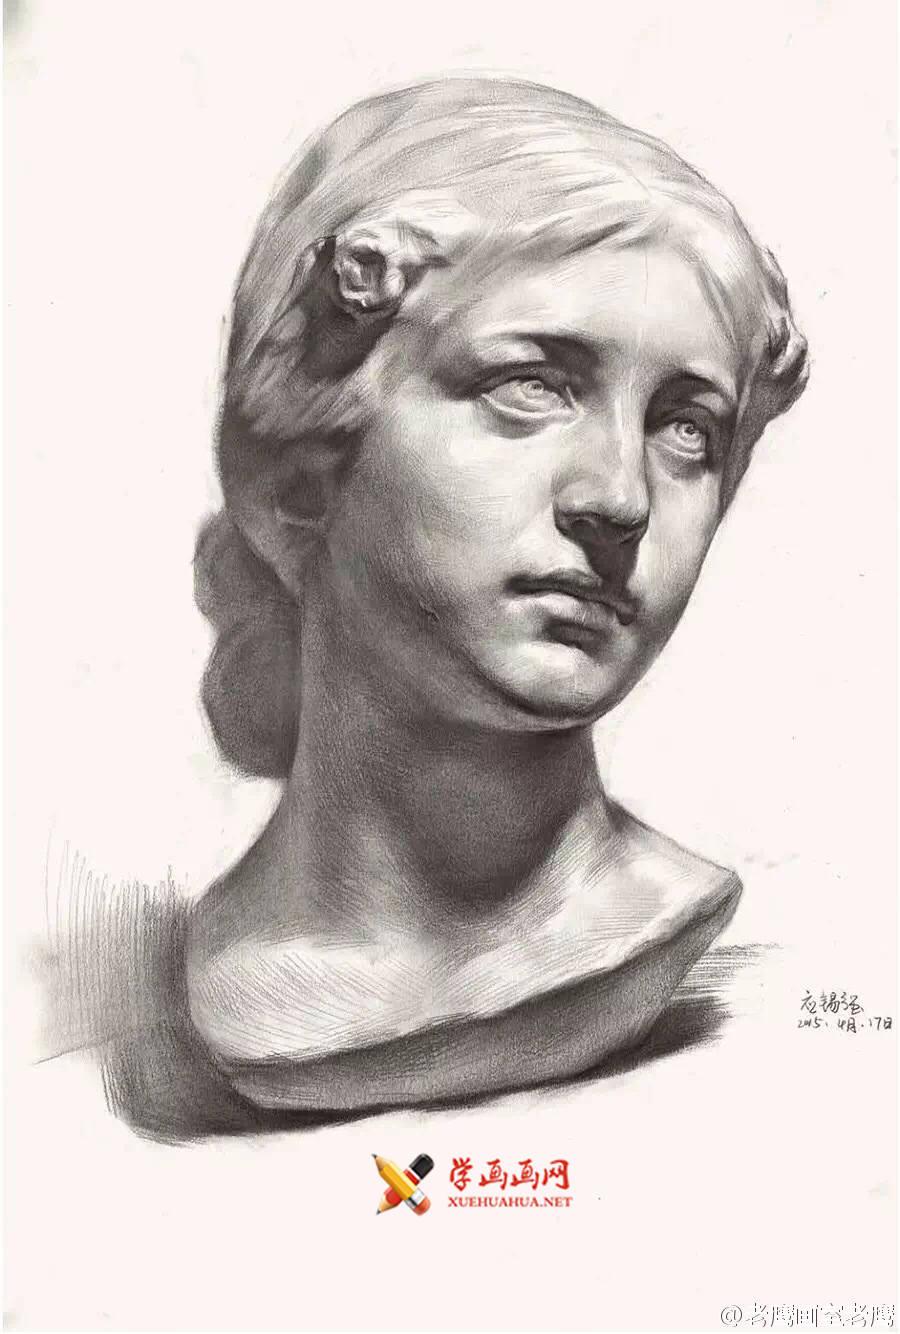 应锡强素描石膏像作品2幅(2)